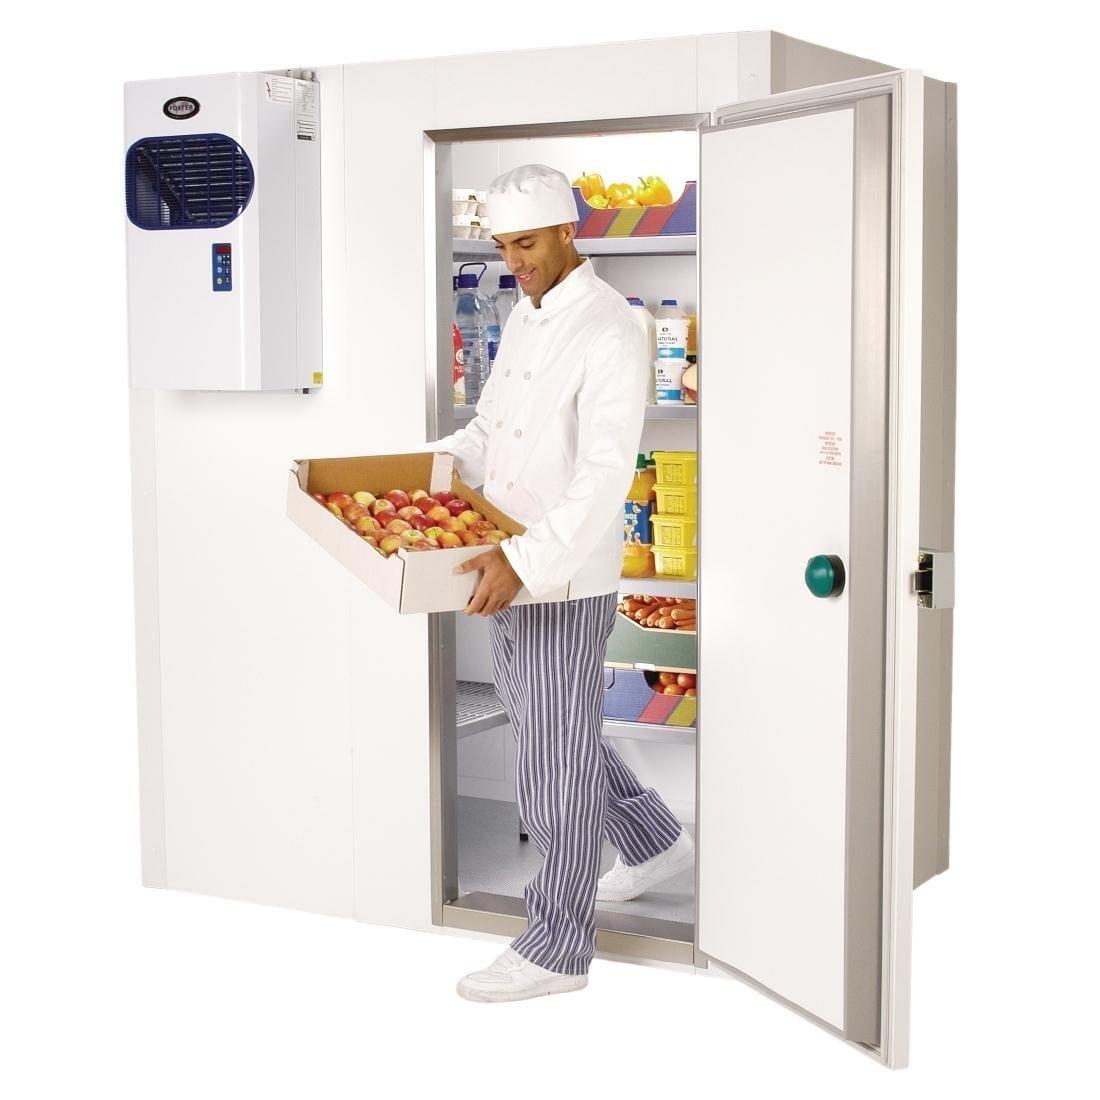 Foster Advantage Walk-In Freezer 1800mm W x 1800mm D x 2100mm H (Direct)-0